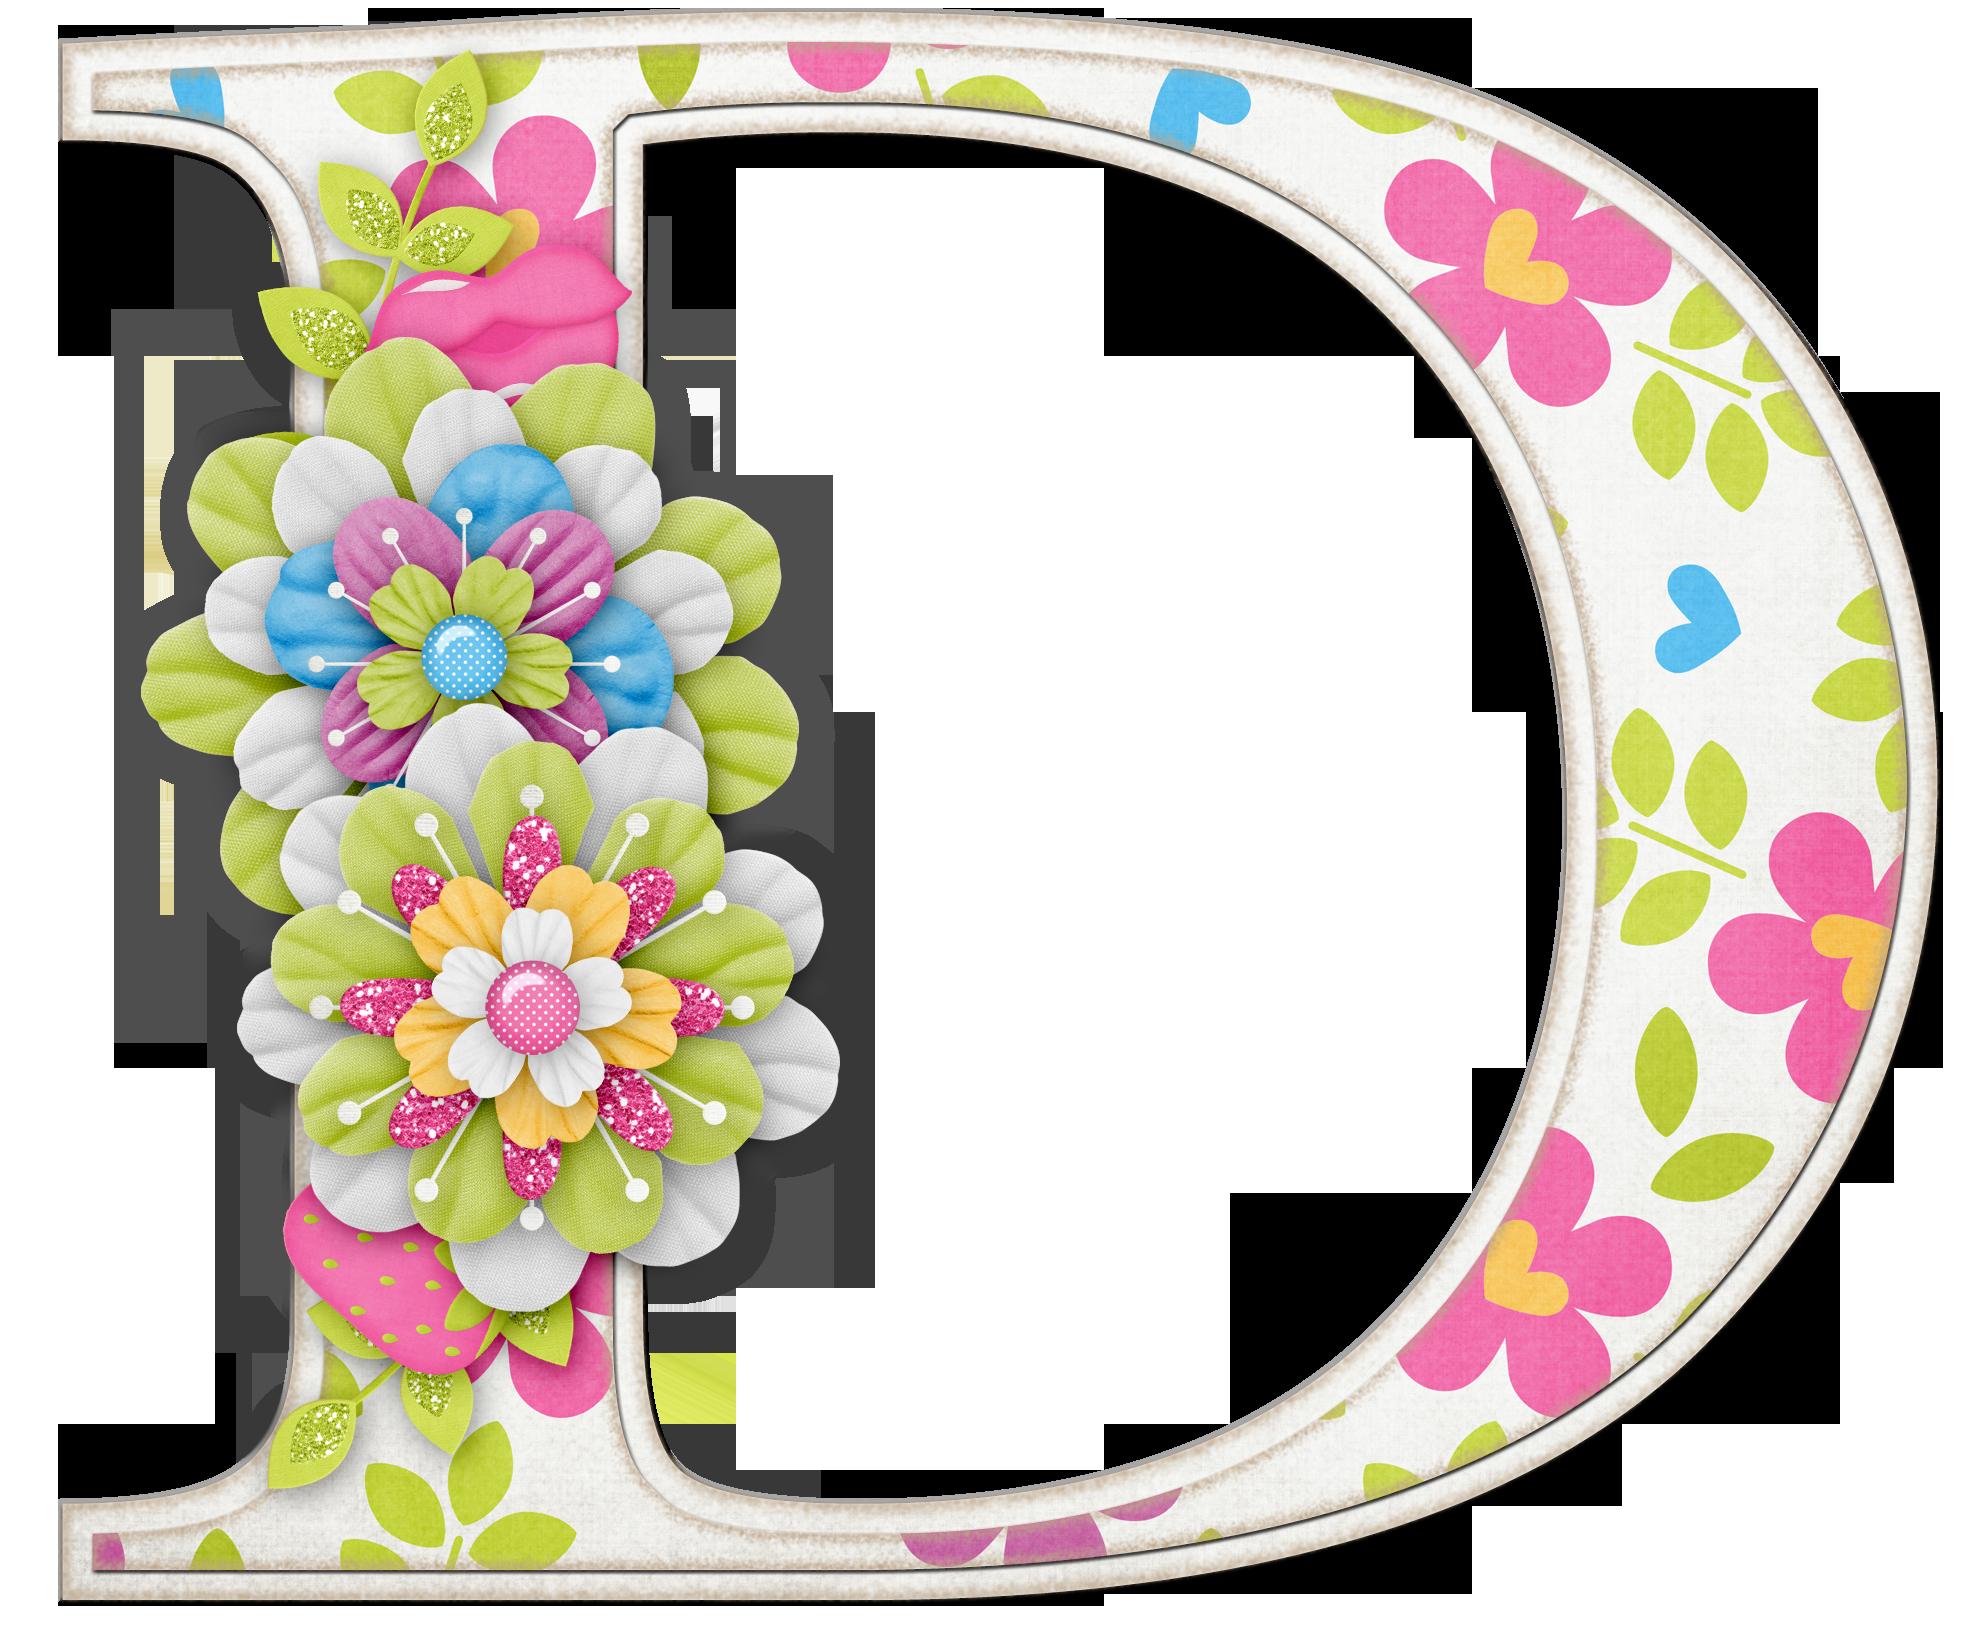 Alfabeto colores y flores d letras pinterest alfabeto flores y letras - Letras decoradas infantiles ...